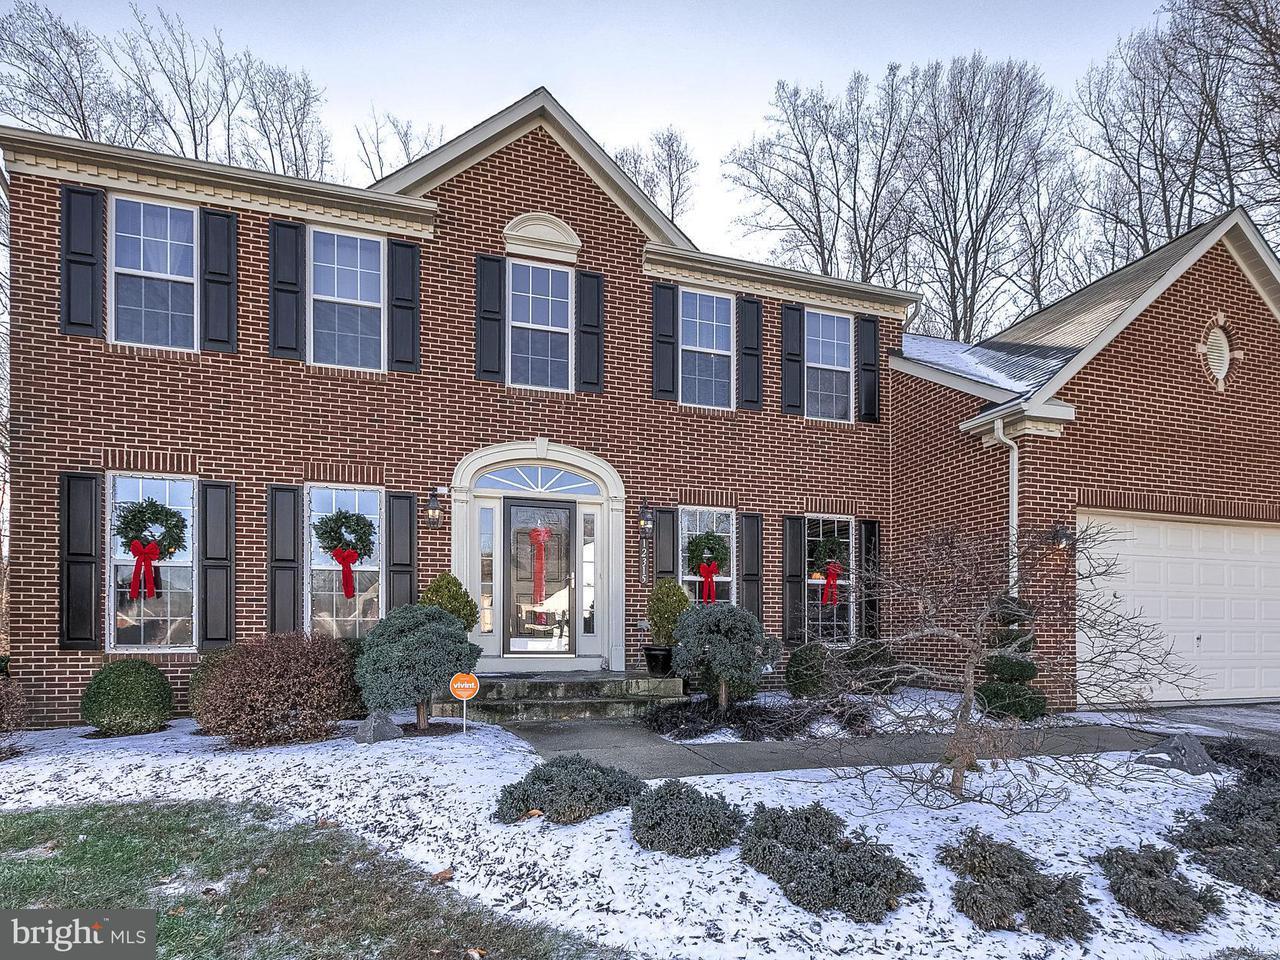 Частный односемейный дом для того Продажа на 12315 SMOOT WAY 12315 SMOOT WAY Brandywine, Мэриленд 20613 Соединенные Штаты